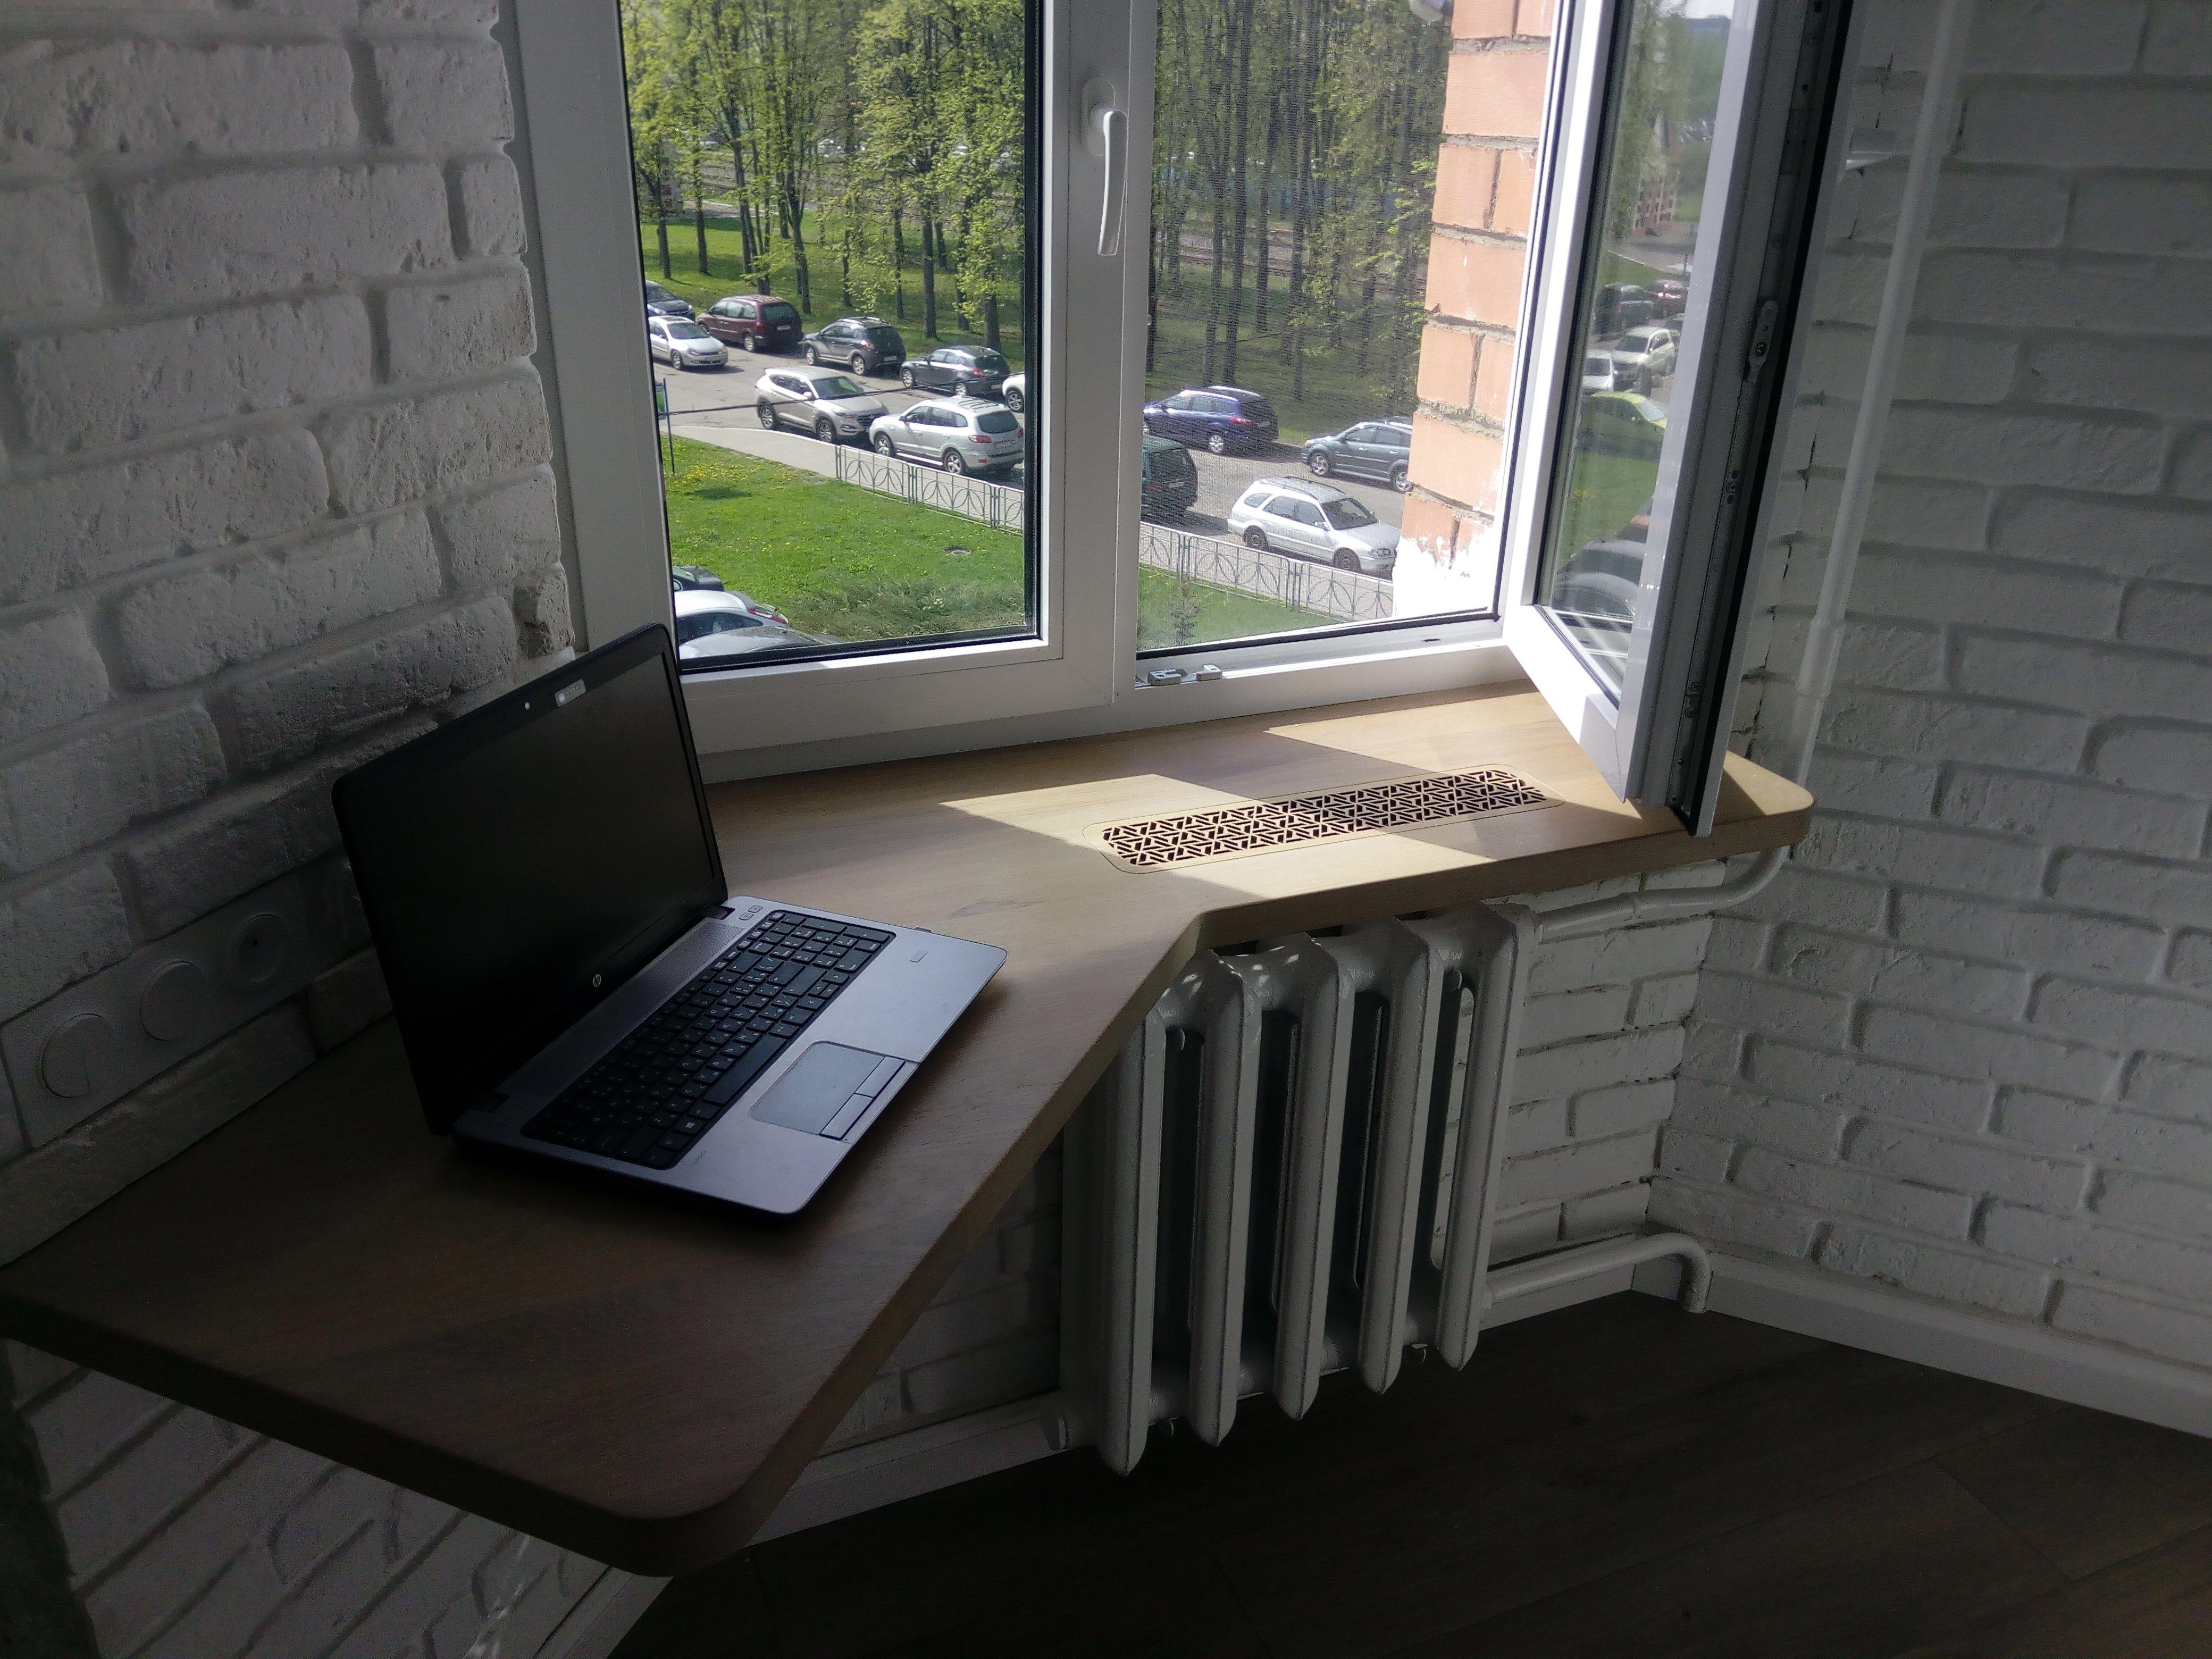 Стол у окна в детской комнате: виды, советы по расположению, дизайн, формы и размеры